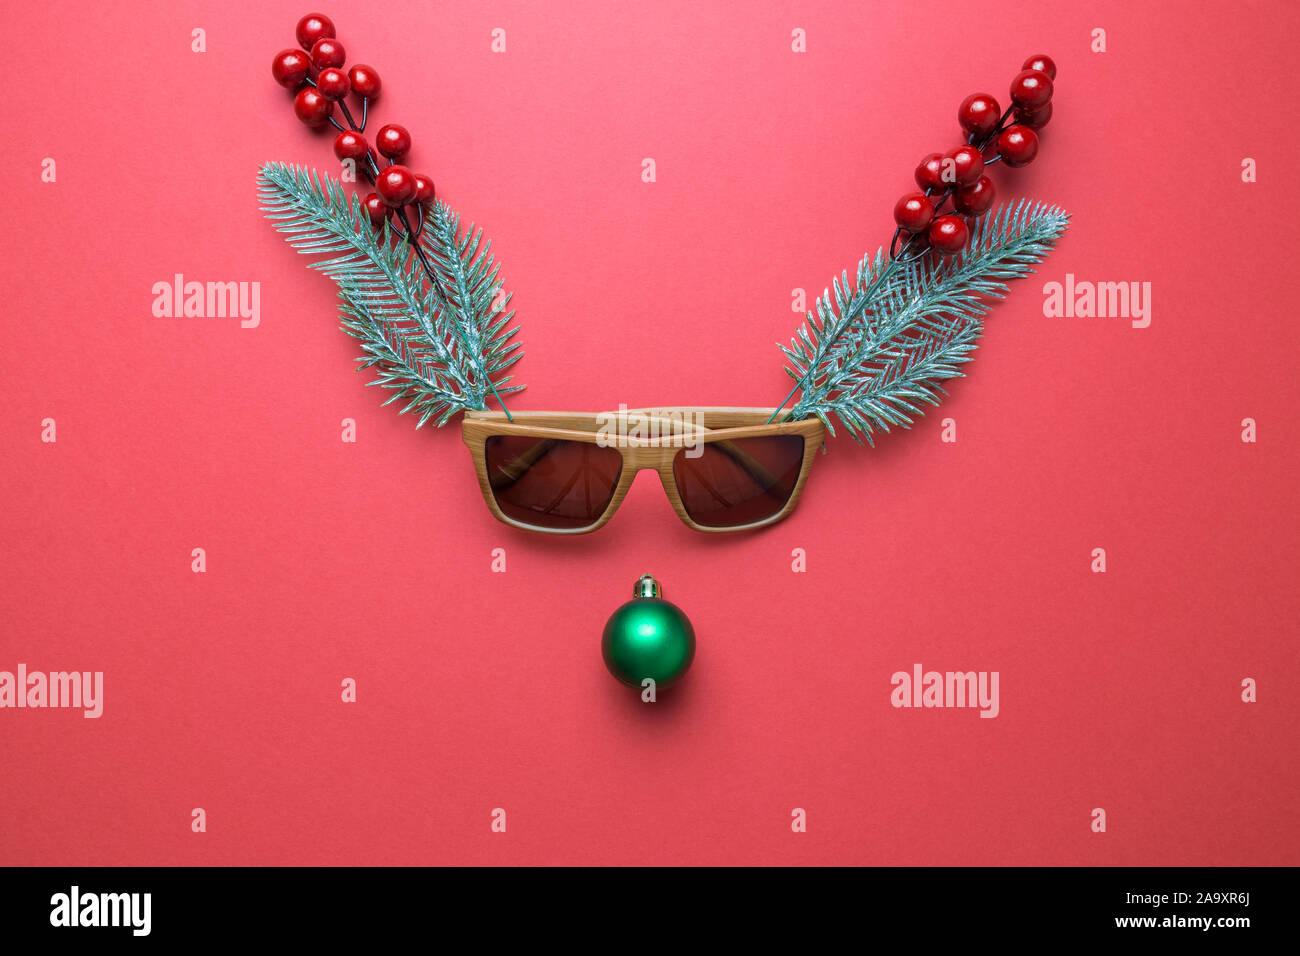 Le renne face en décorations de Noël, des lunettes, des baies de houx et des branches de pins. Concept minimal. Mise à plat Banque D'Images